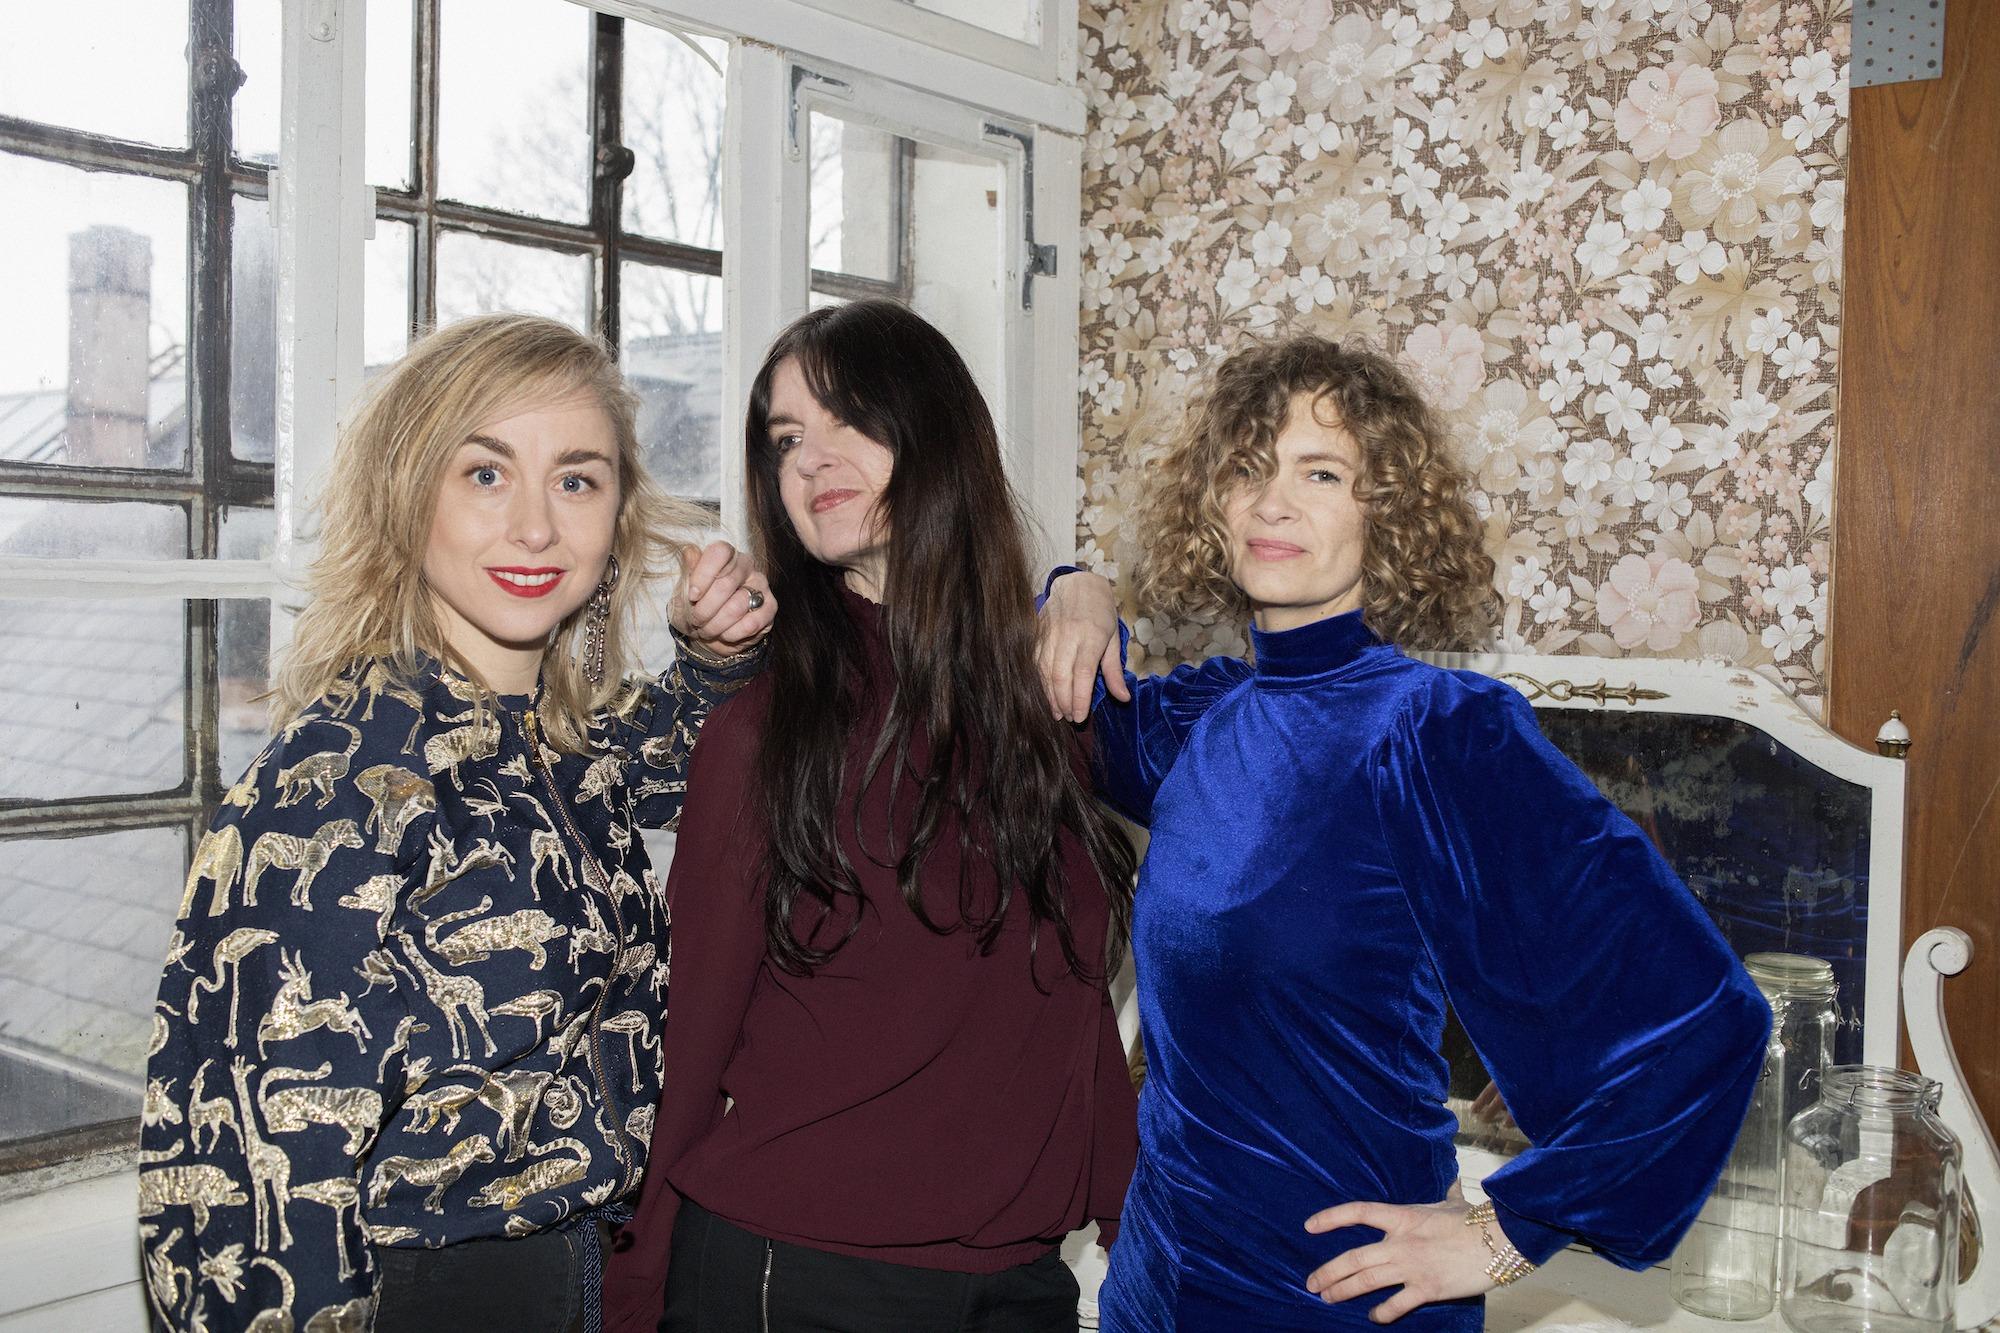 HUN SOLOs tre stiftere: Nana Jacobi - Anya Mathilde Poulsen - Kirstine Stubbe Teglbjærg. Foto: Tine Bek